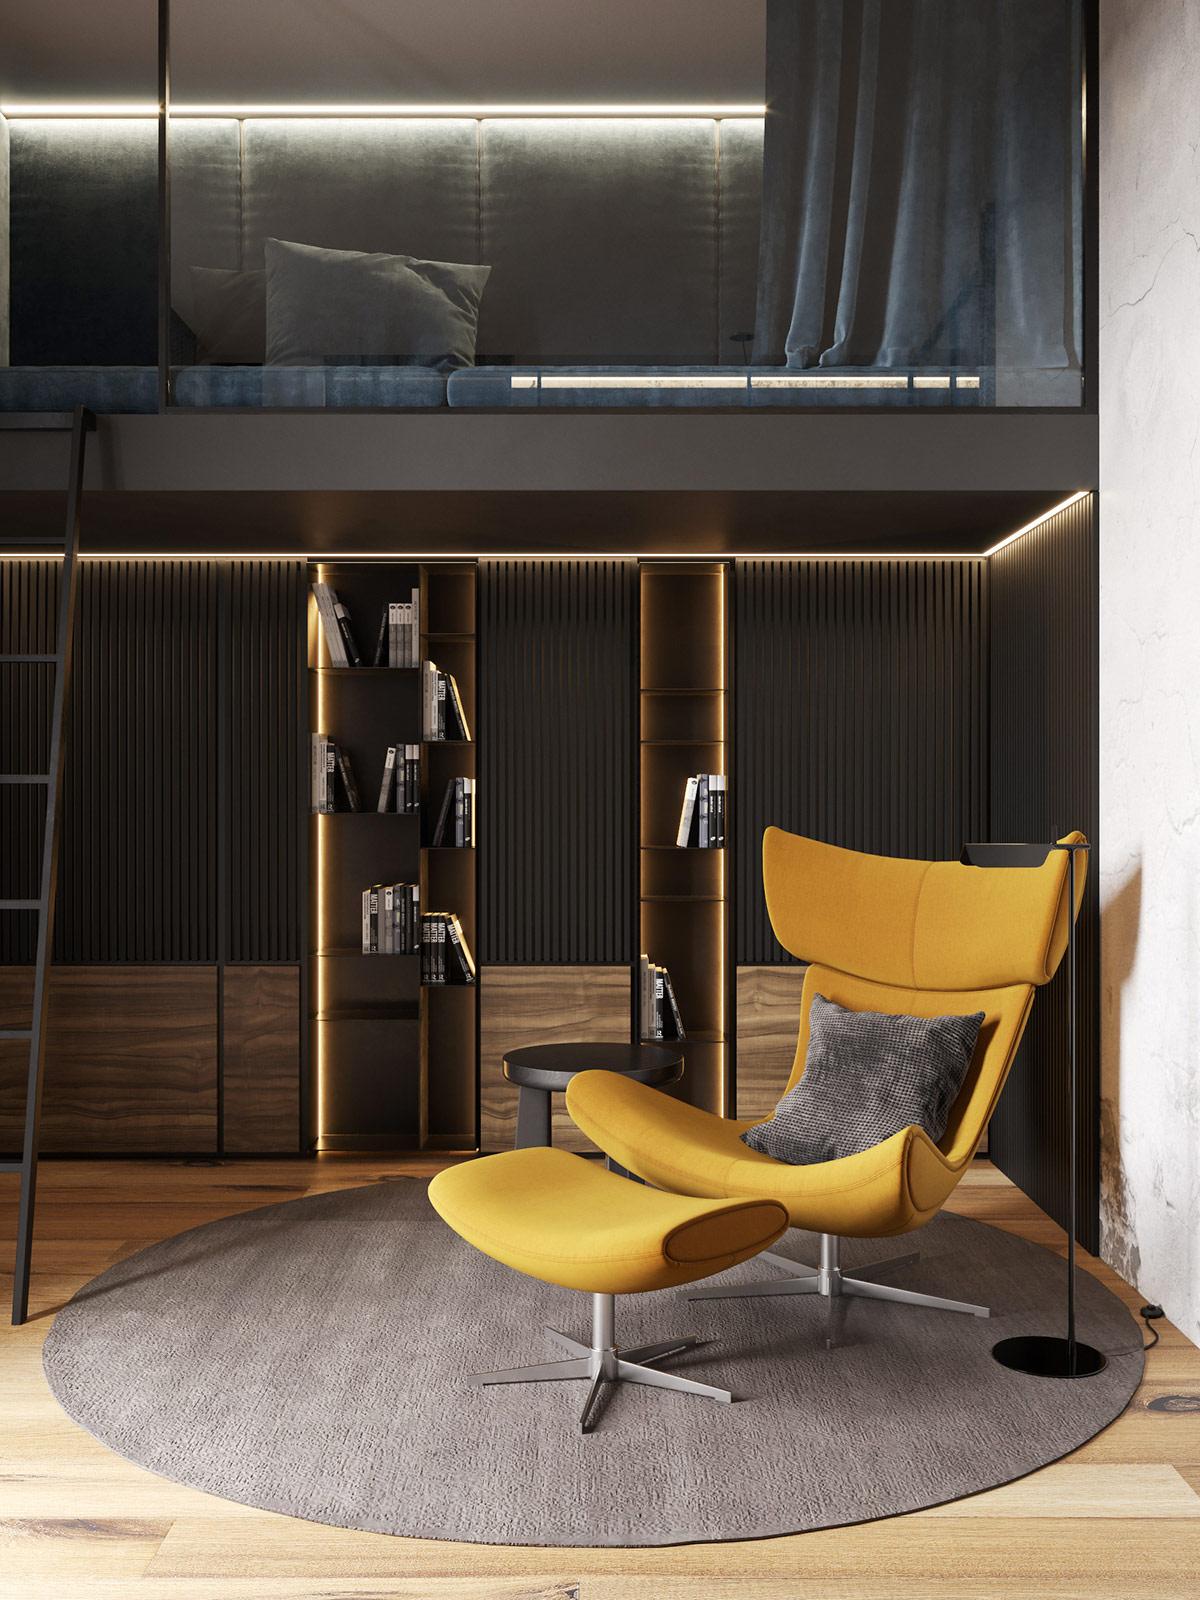 高级灰搭配工业风 打造简约舒适loft空间